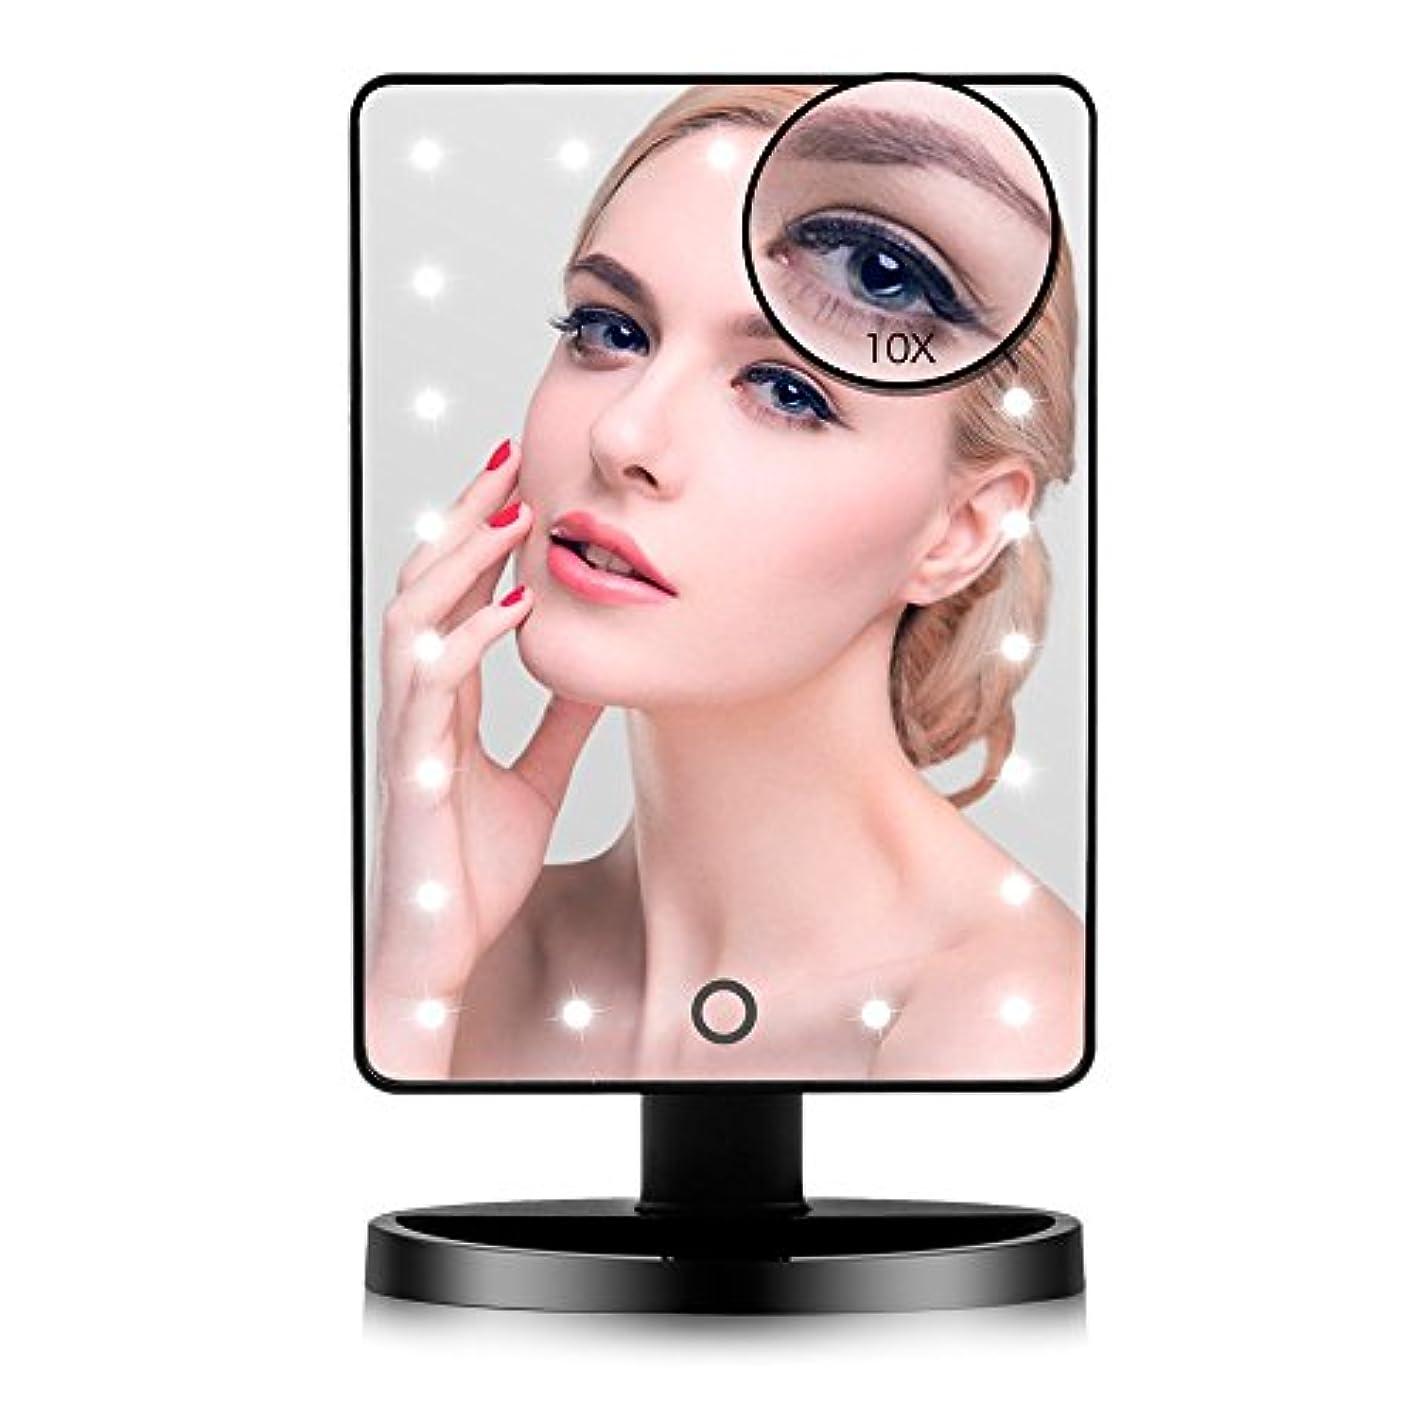 なだめる過半数上院議員化粧鏡 卓上鏡 化粧ミラー 鏡 女優ミラー 卓上 21 led 拡大鏡 10倍 明るさ調節可能 180°回転 電池給電(Black)